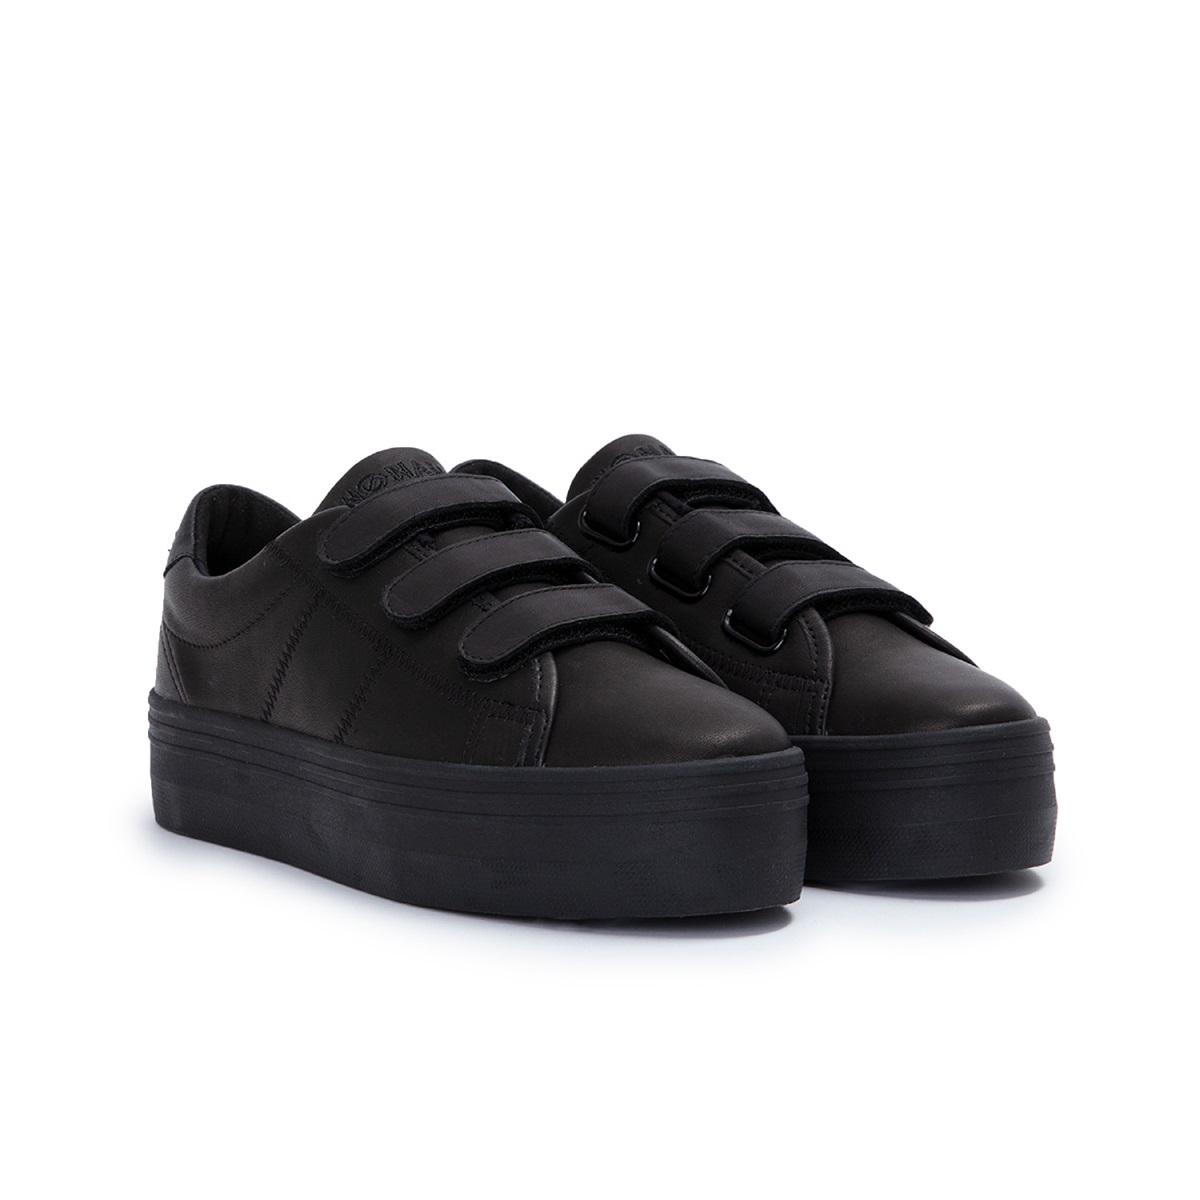 PLATO-11250-BLACK プラト ブラック